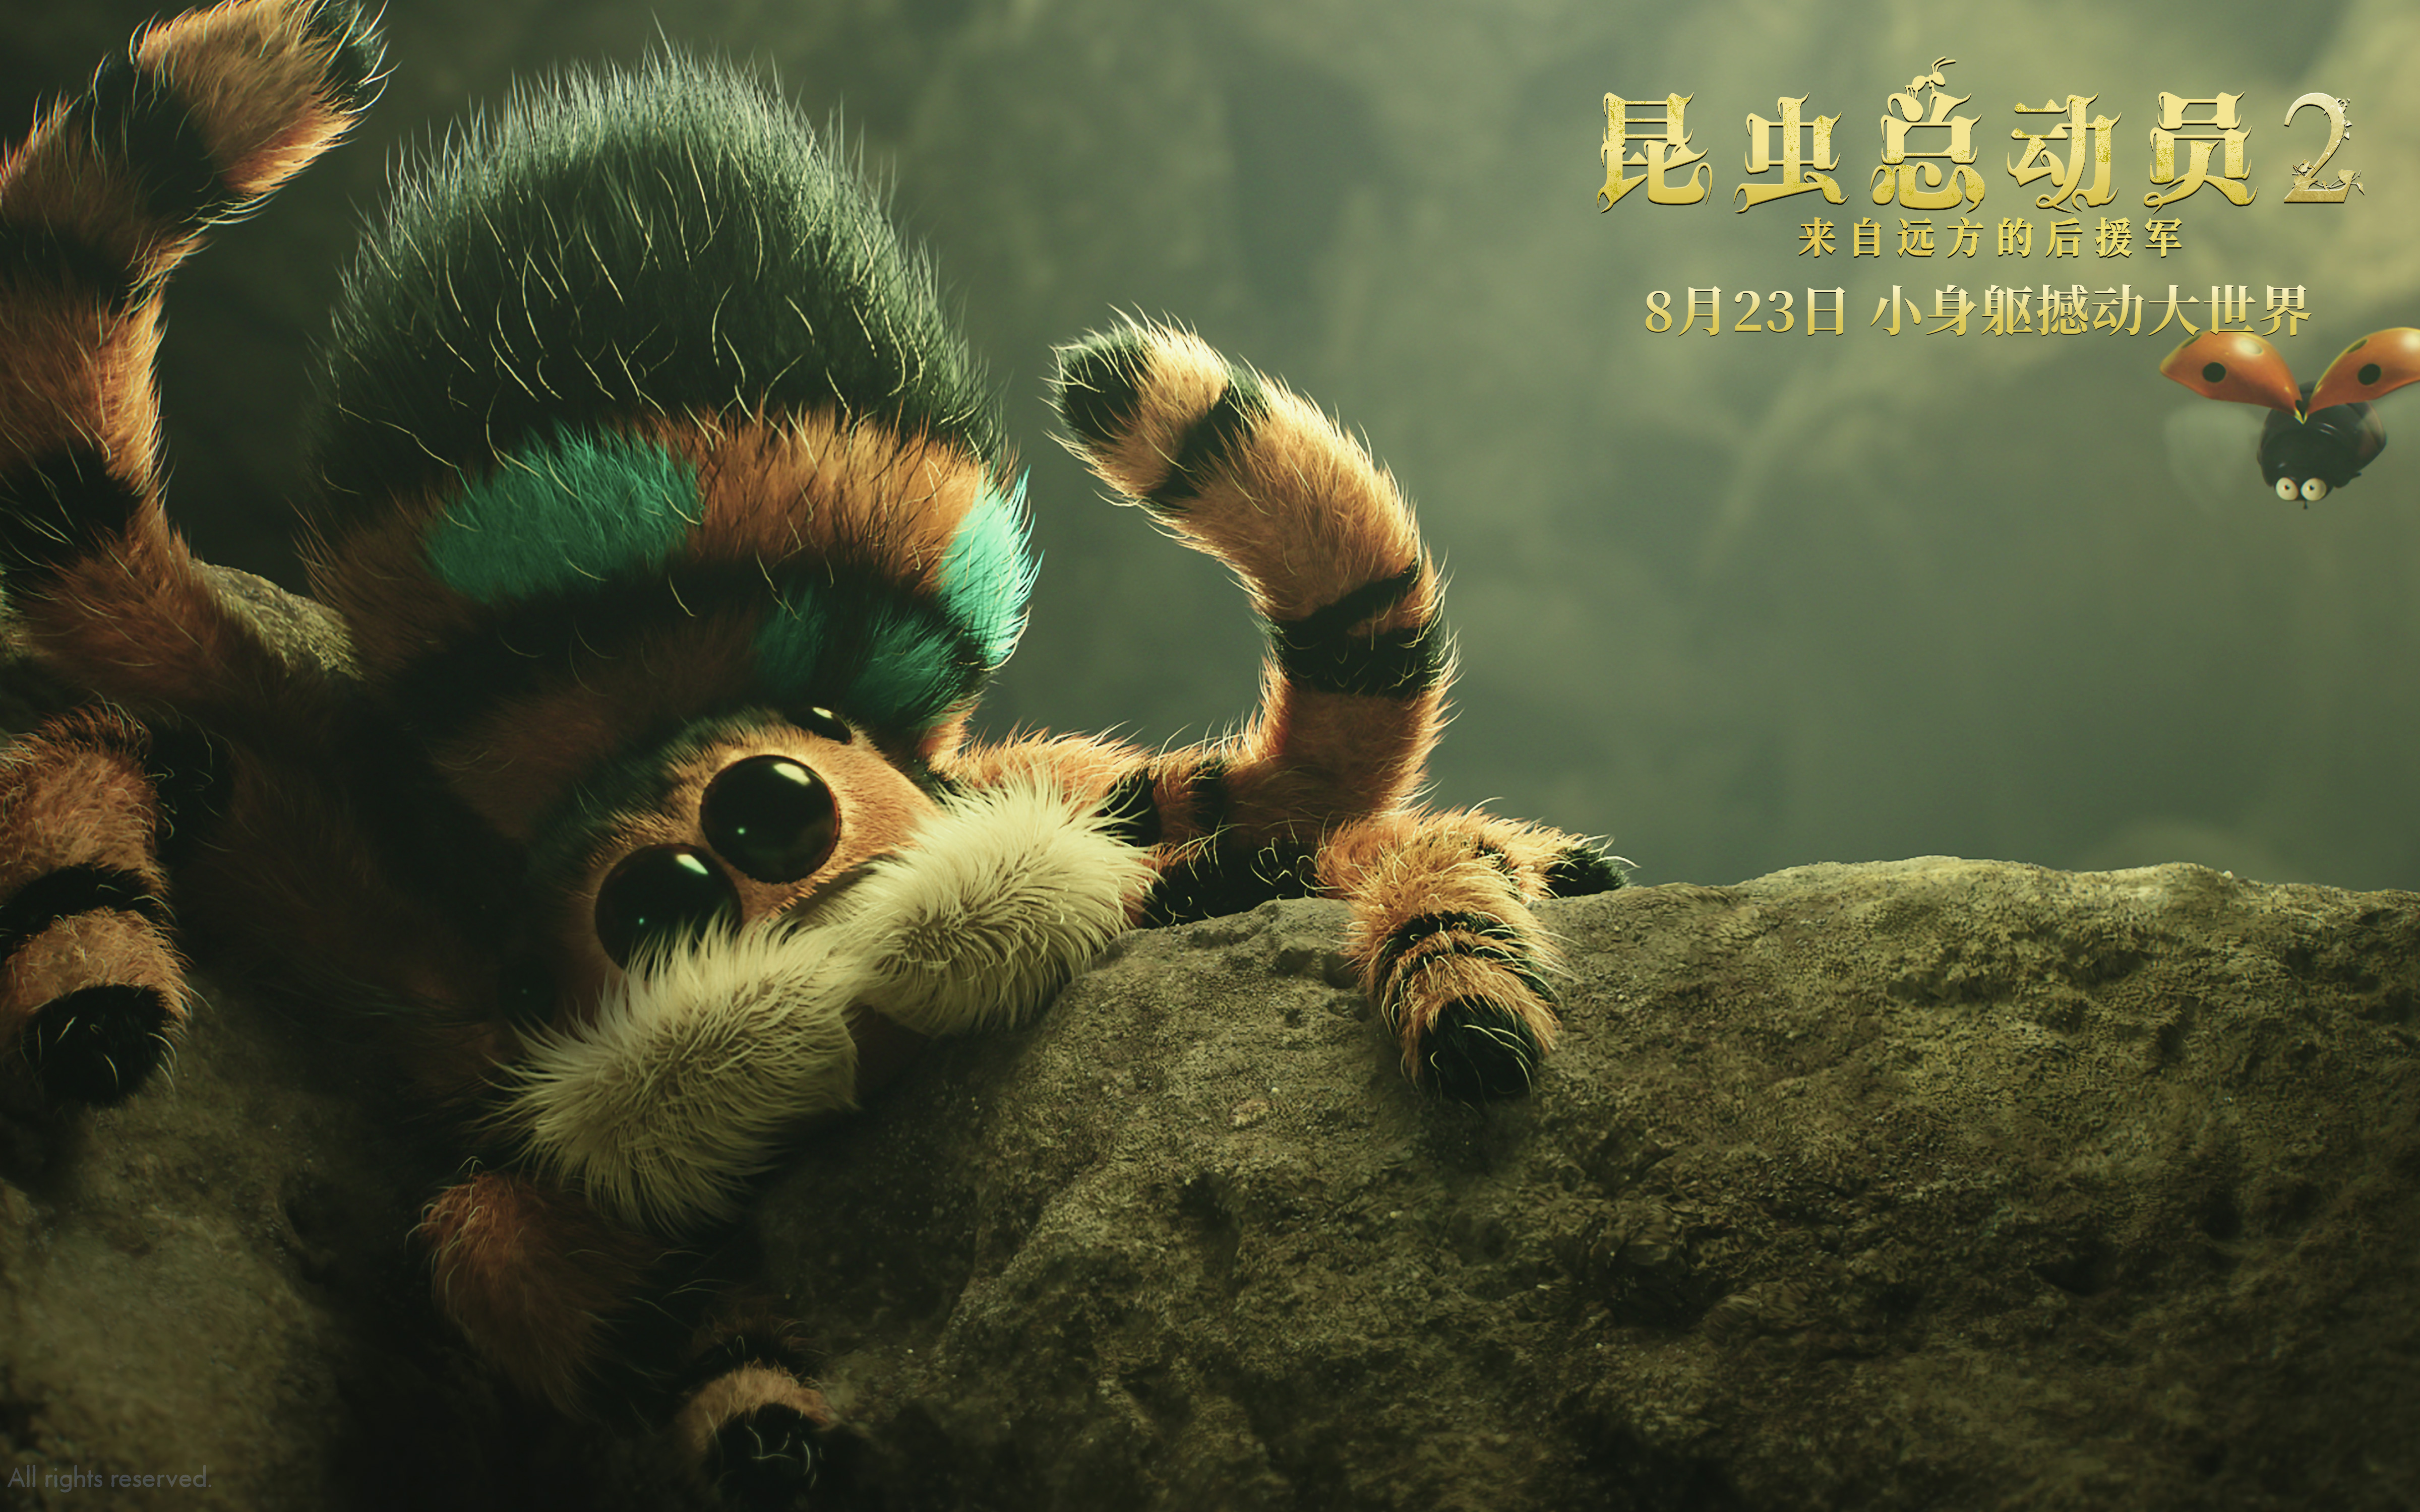 动画《昆虫总动员2》发推广曲MV 实景+CG打造微观世界